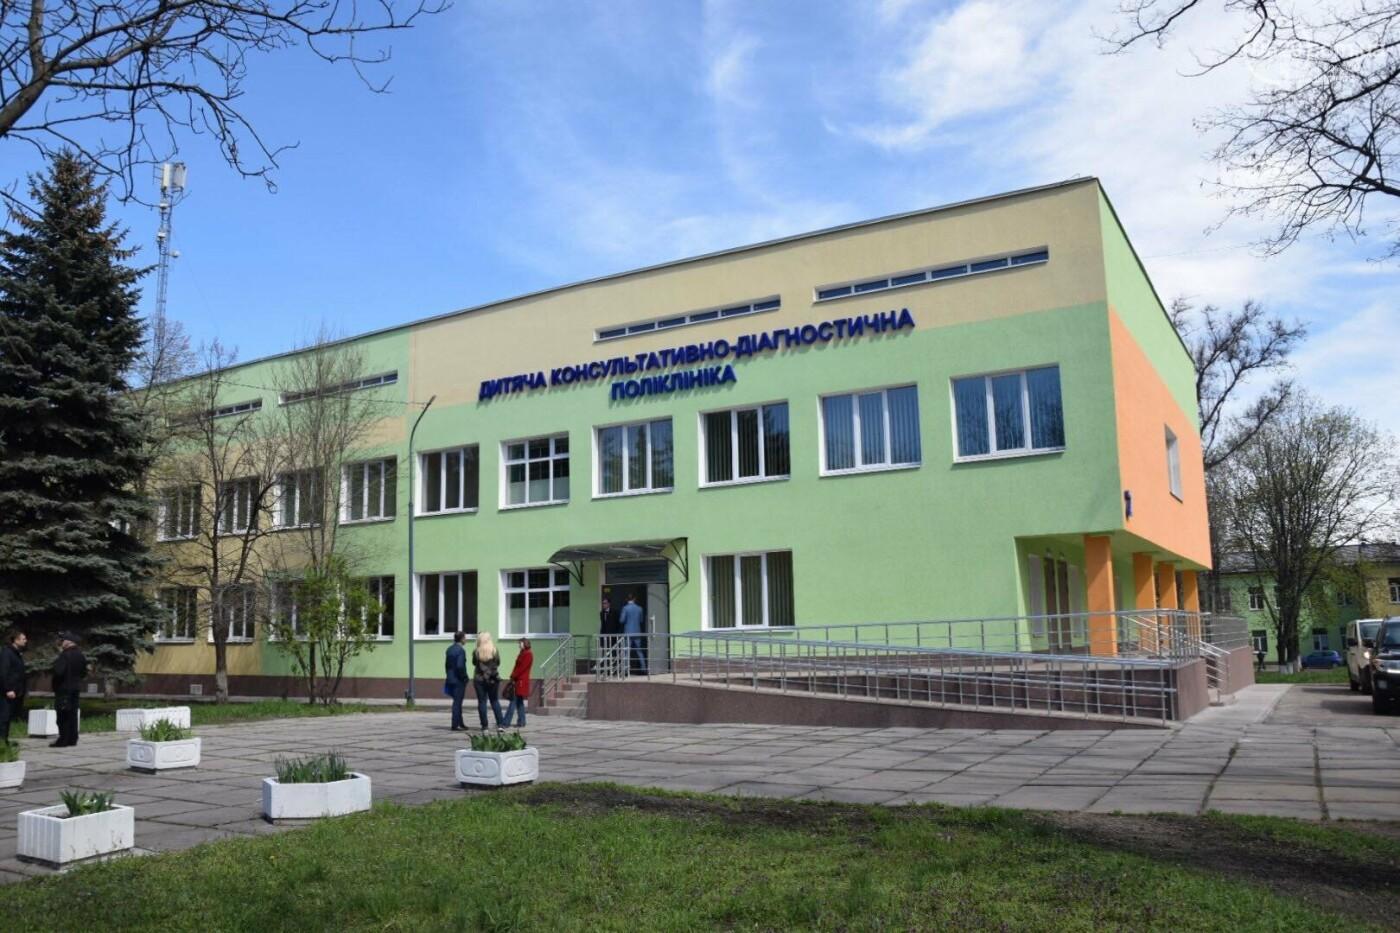 В Мариуполе Владимир Гройсман открыл детскую поликлинику и познакомился с Сережей, - ФОТОРЕПОРТАЖ, ВИДЕО, фото-4